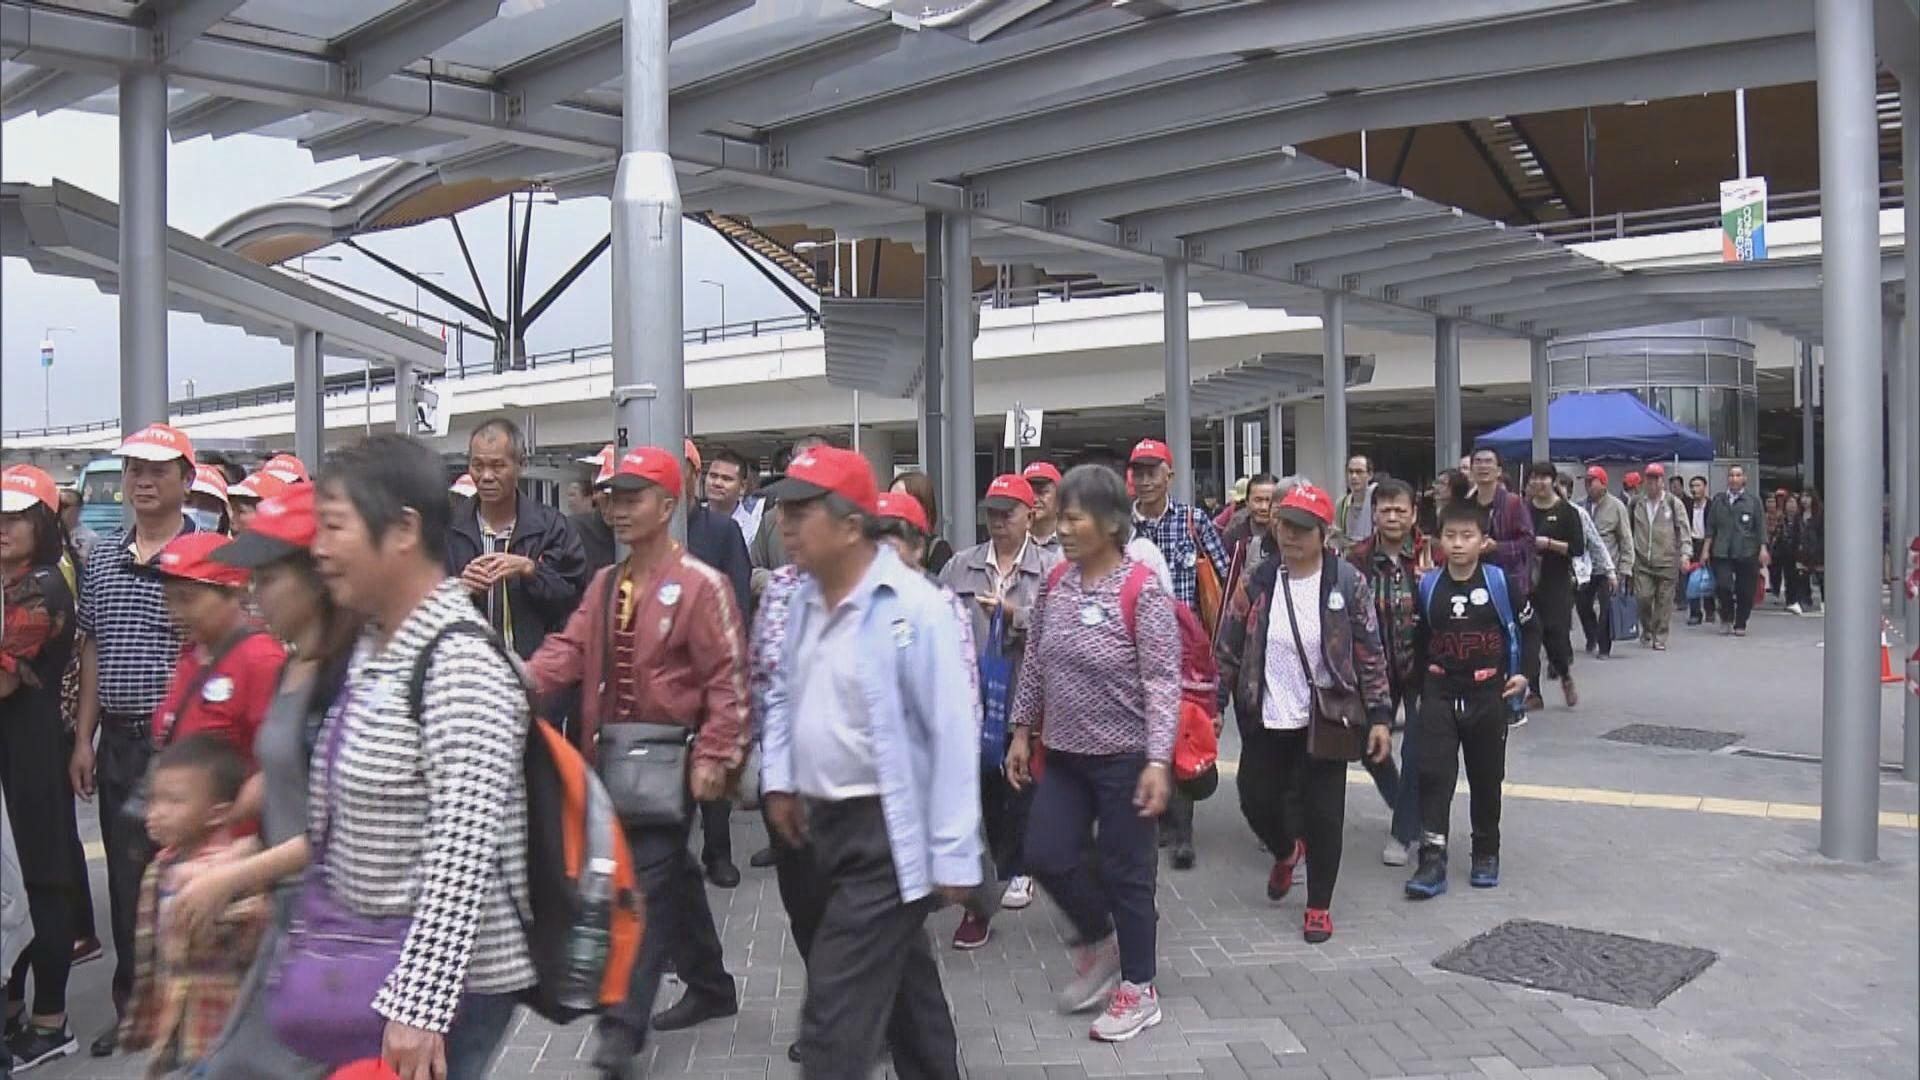 廣州要求規範港珠澳大橋旅遊秩序